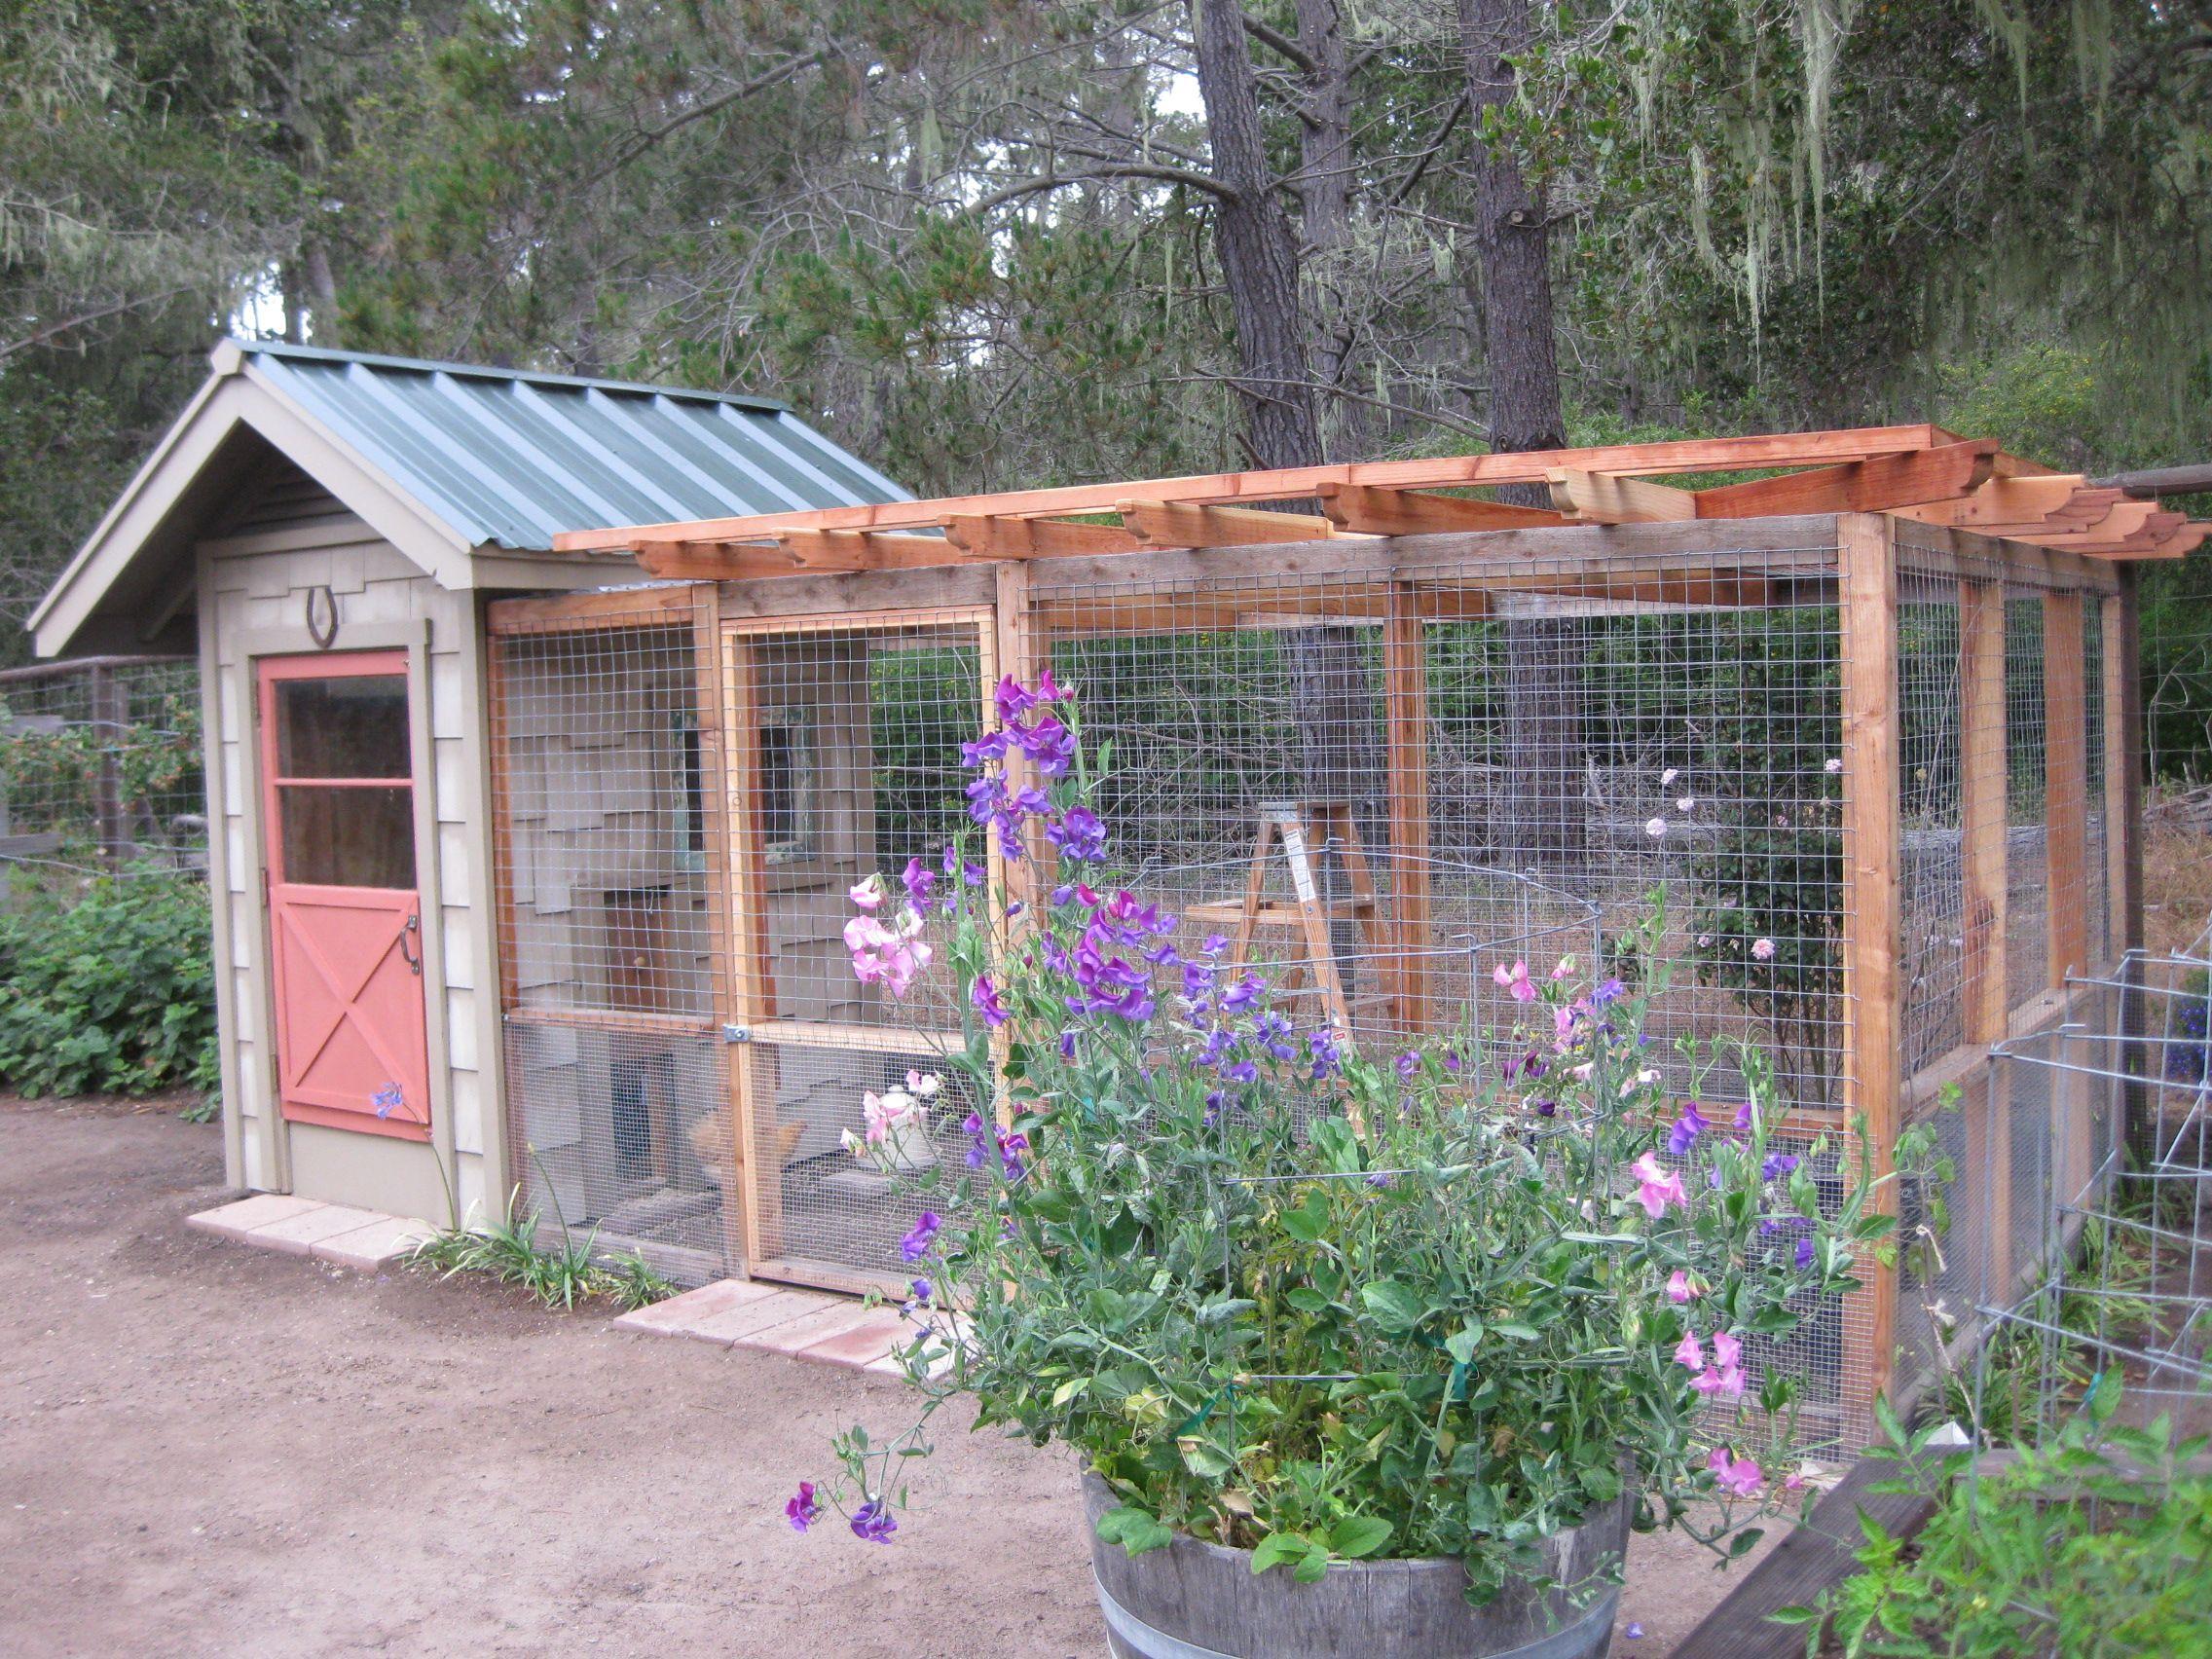 Pin By Tiffany Ruda On Gardening Farming Building A